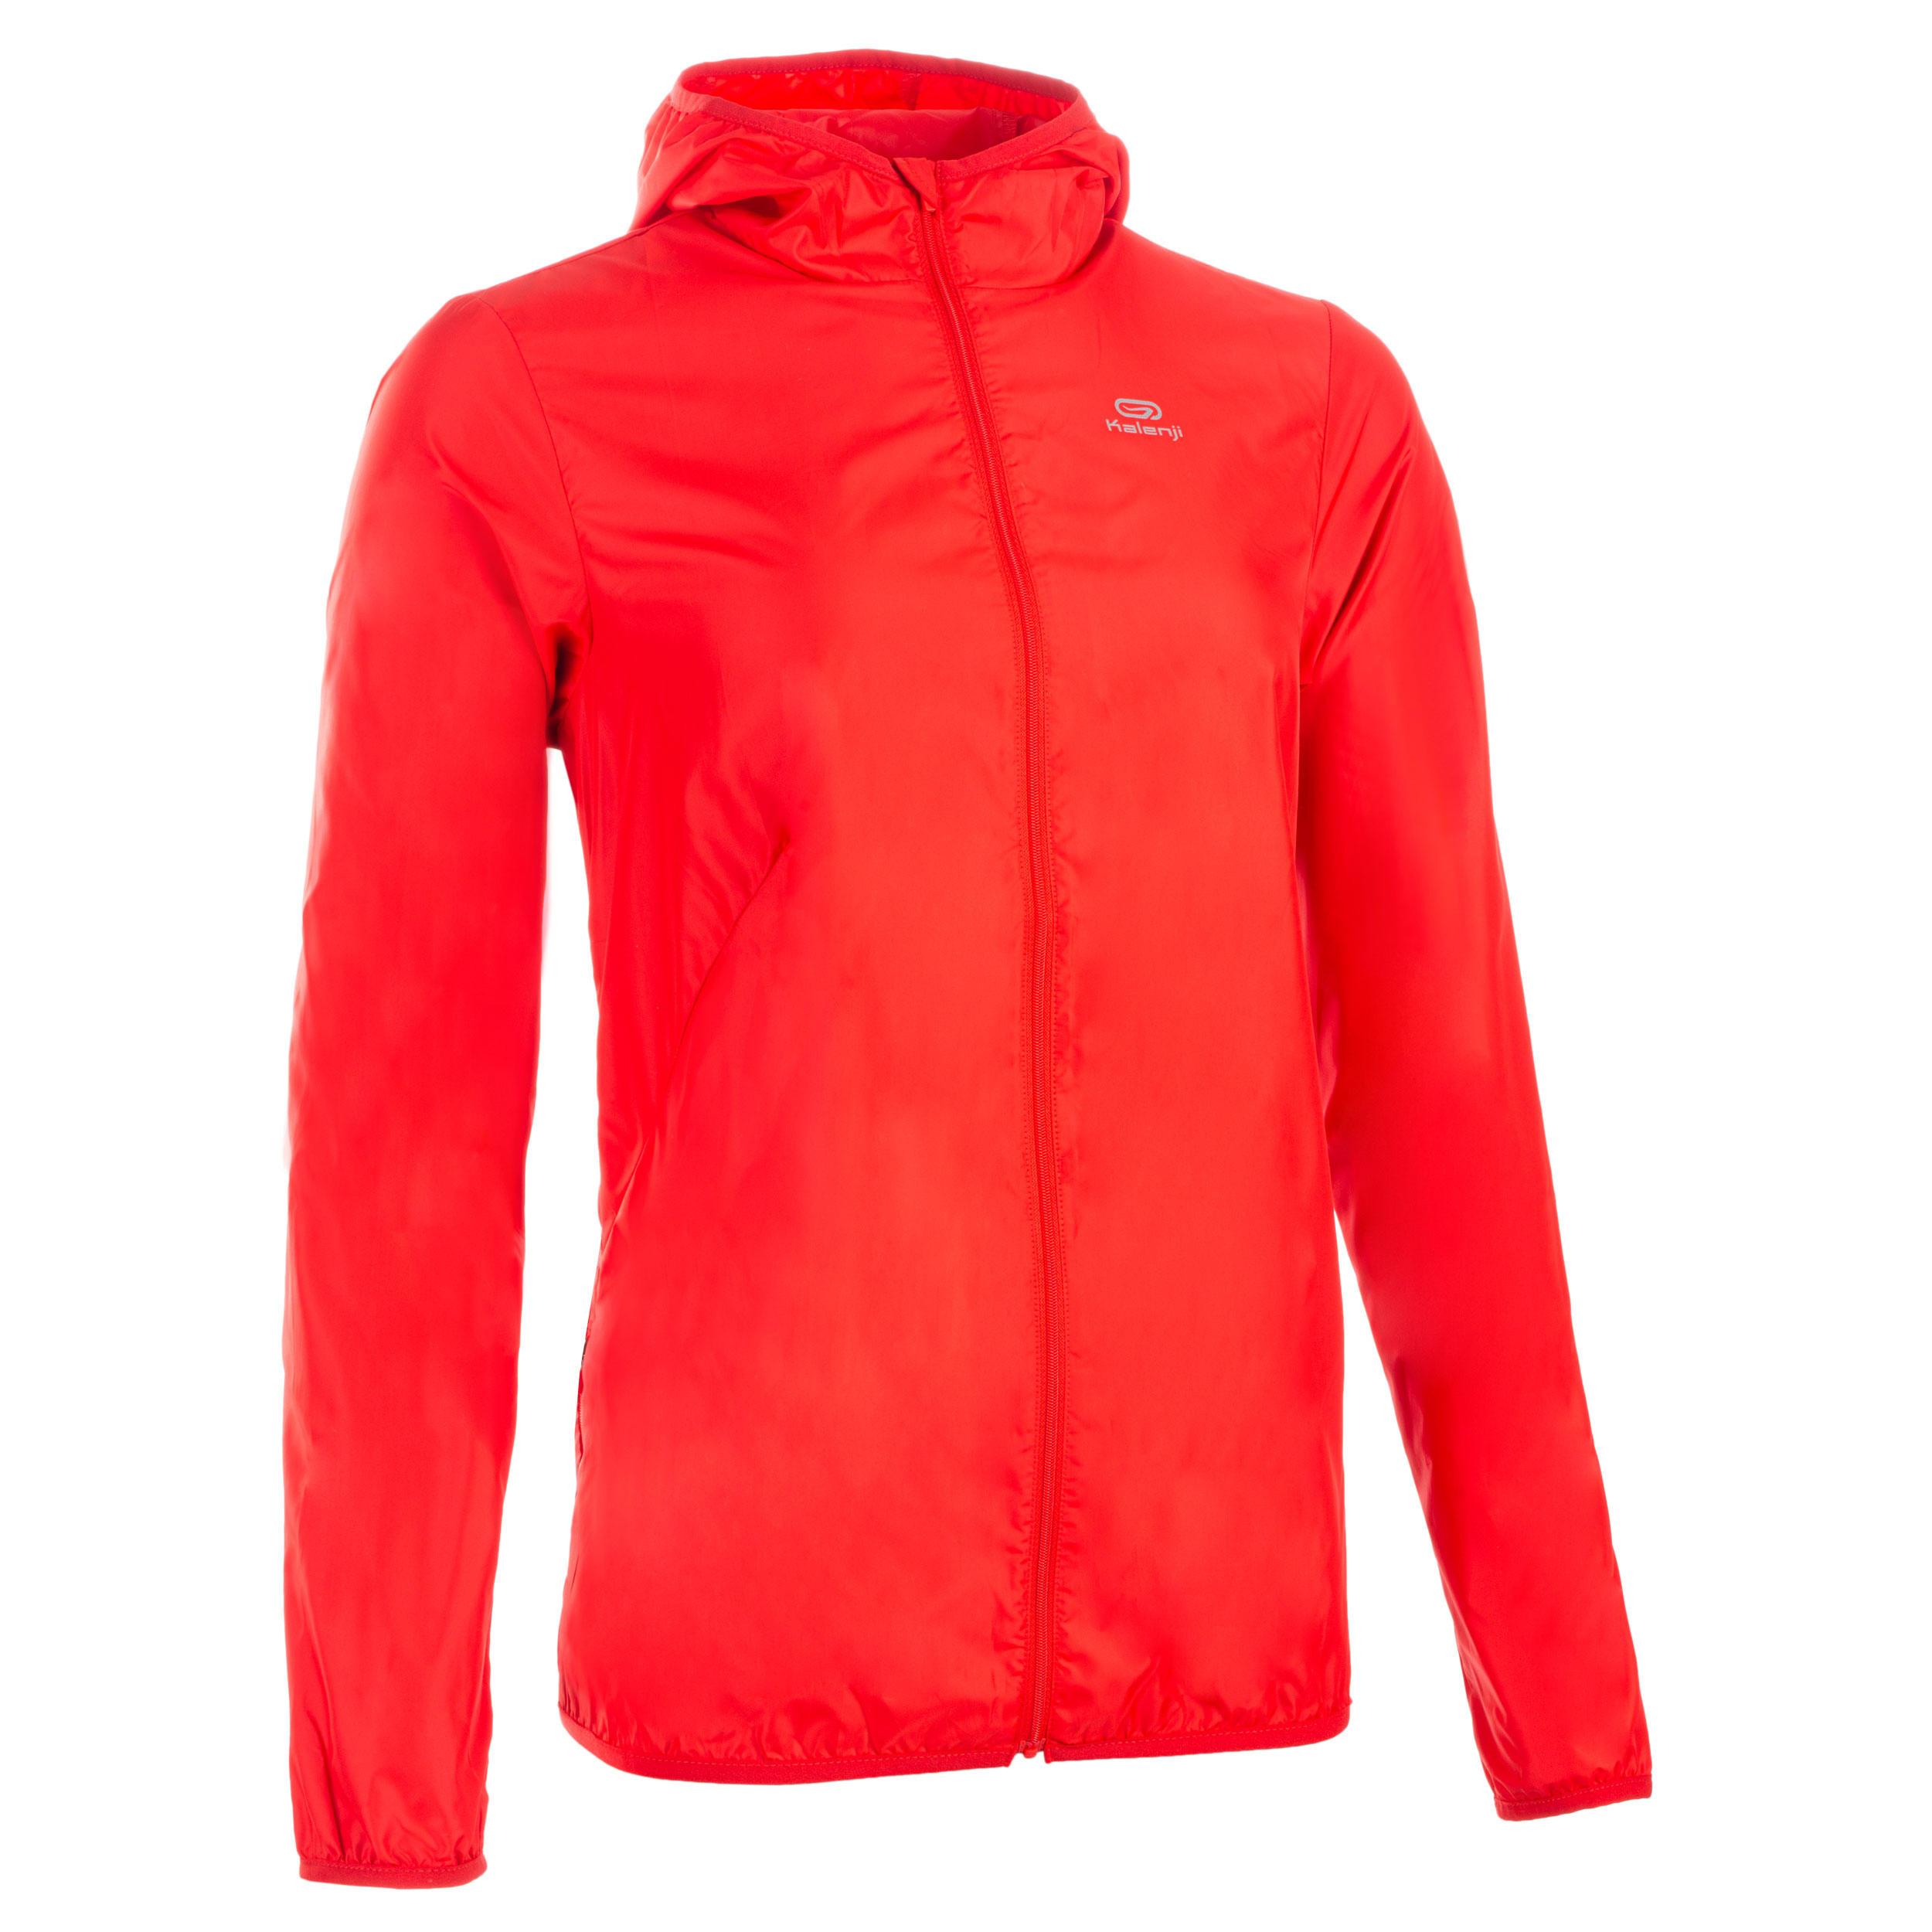 Windjacke Leichtathletik Club personalisierbar Damen rot